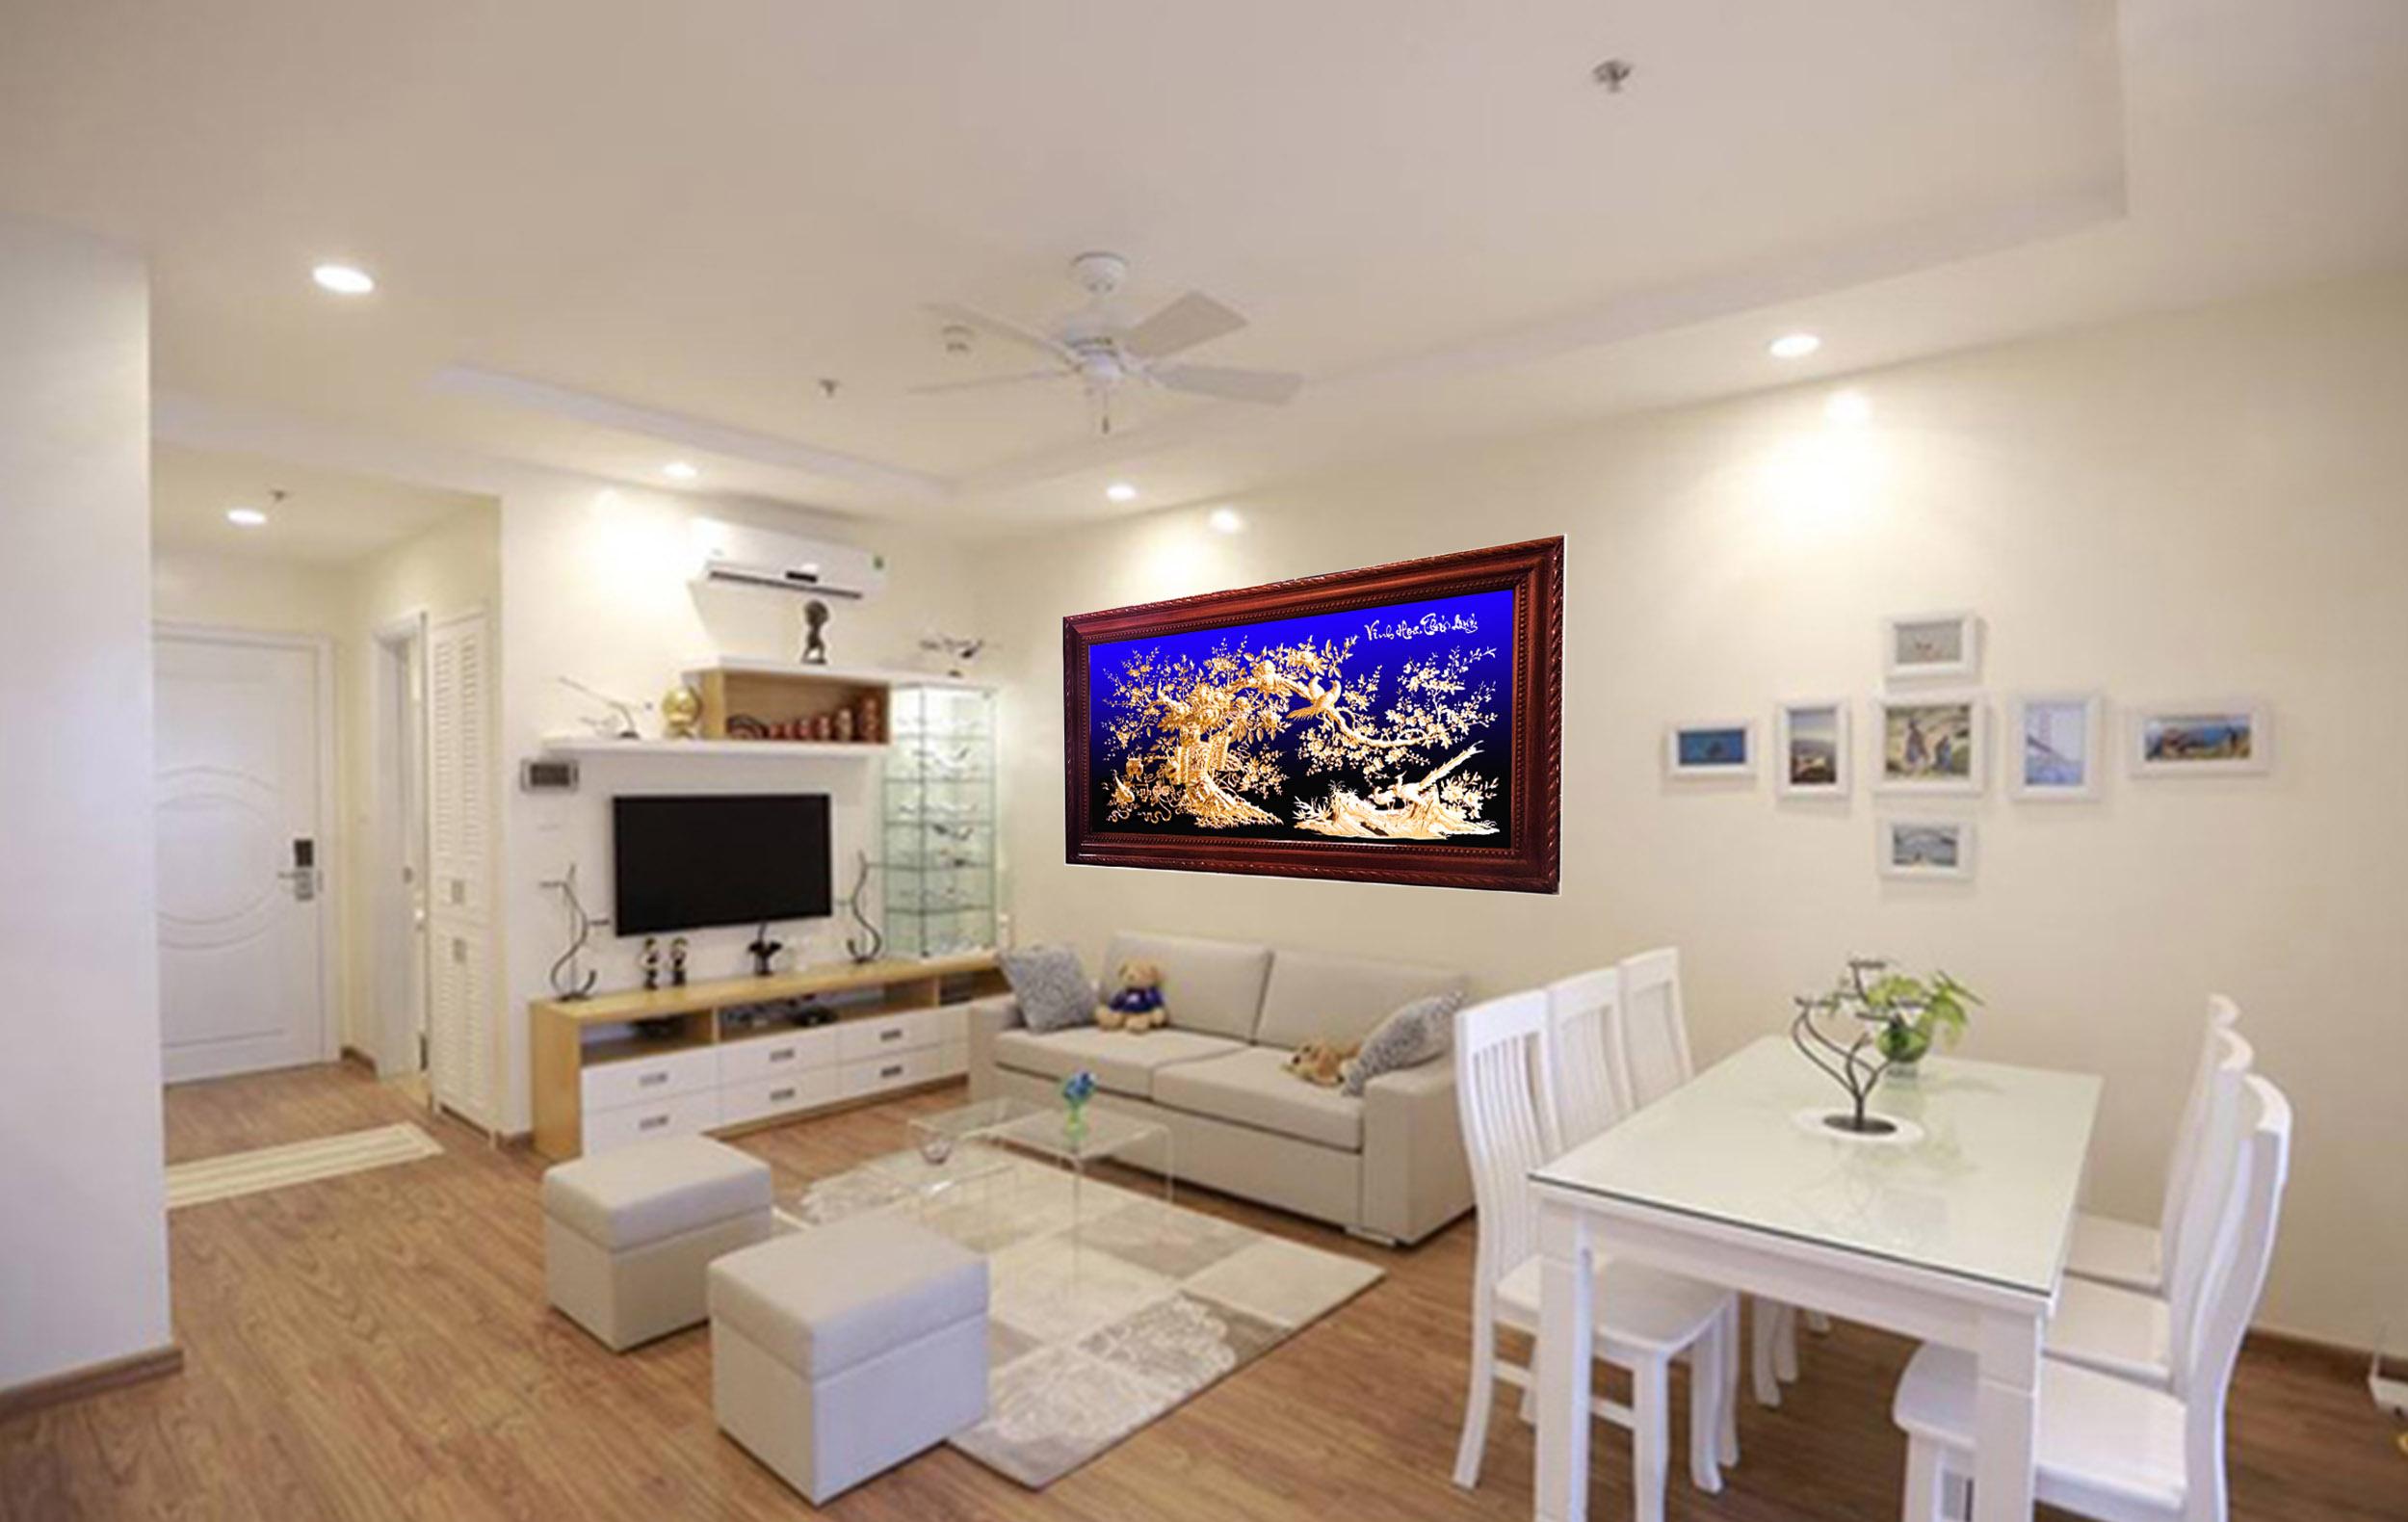 Tranh đồng treo phòng khách - Vinh hoa phú quý - VH03 - Malanaz.com